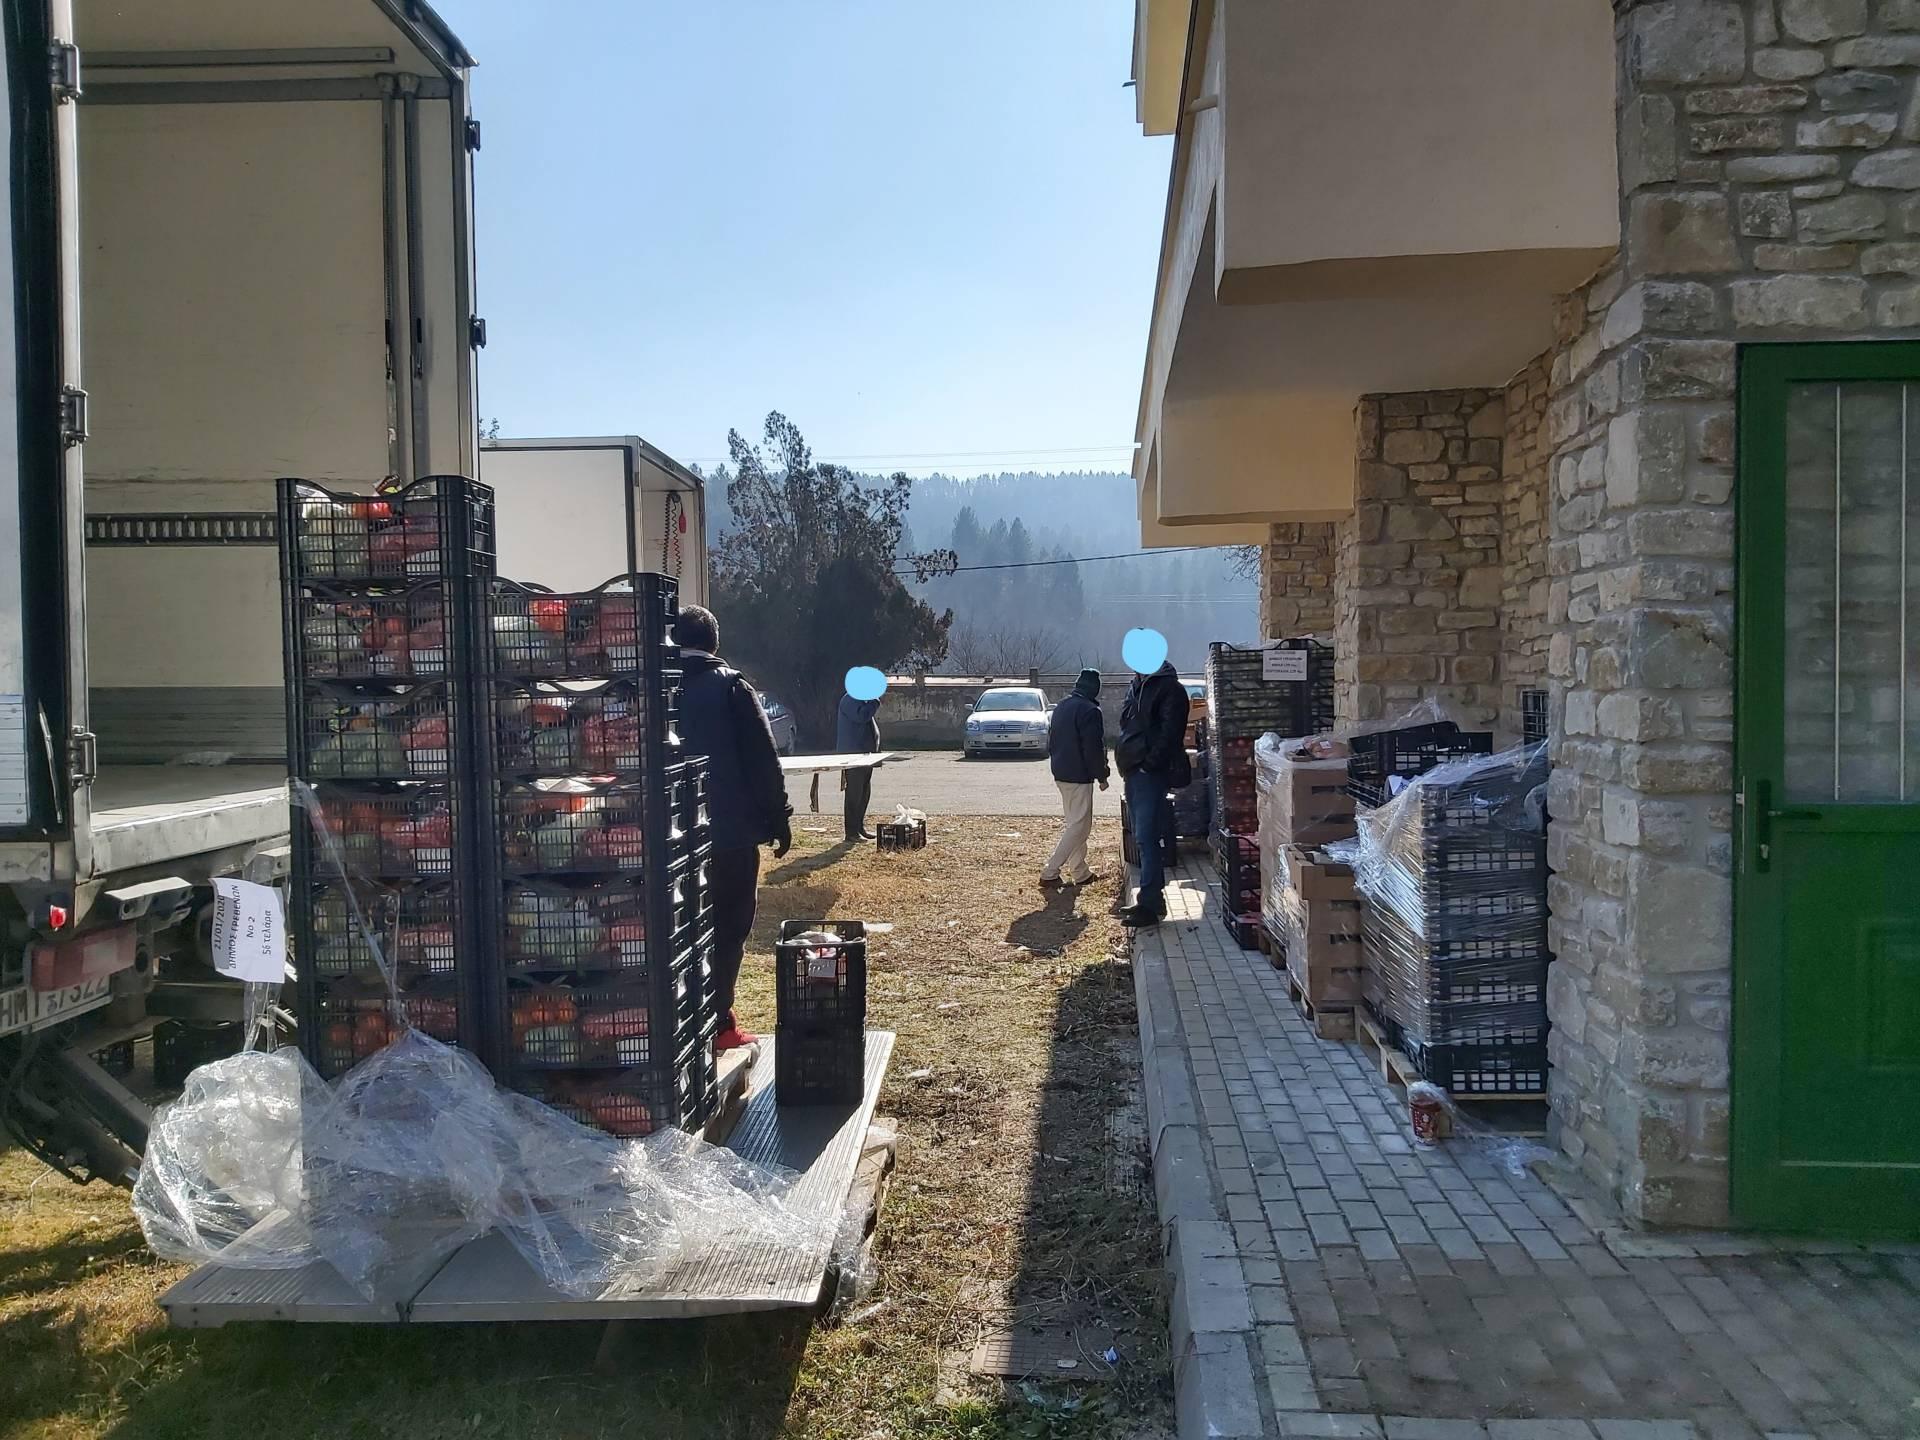 Με επιτυχία πραγματοποιήθηκε η Διανομή τροφίμων της Κοινωνικής Σύμπραξης Γρεβενών